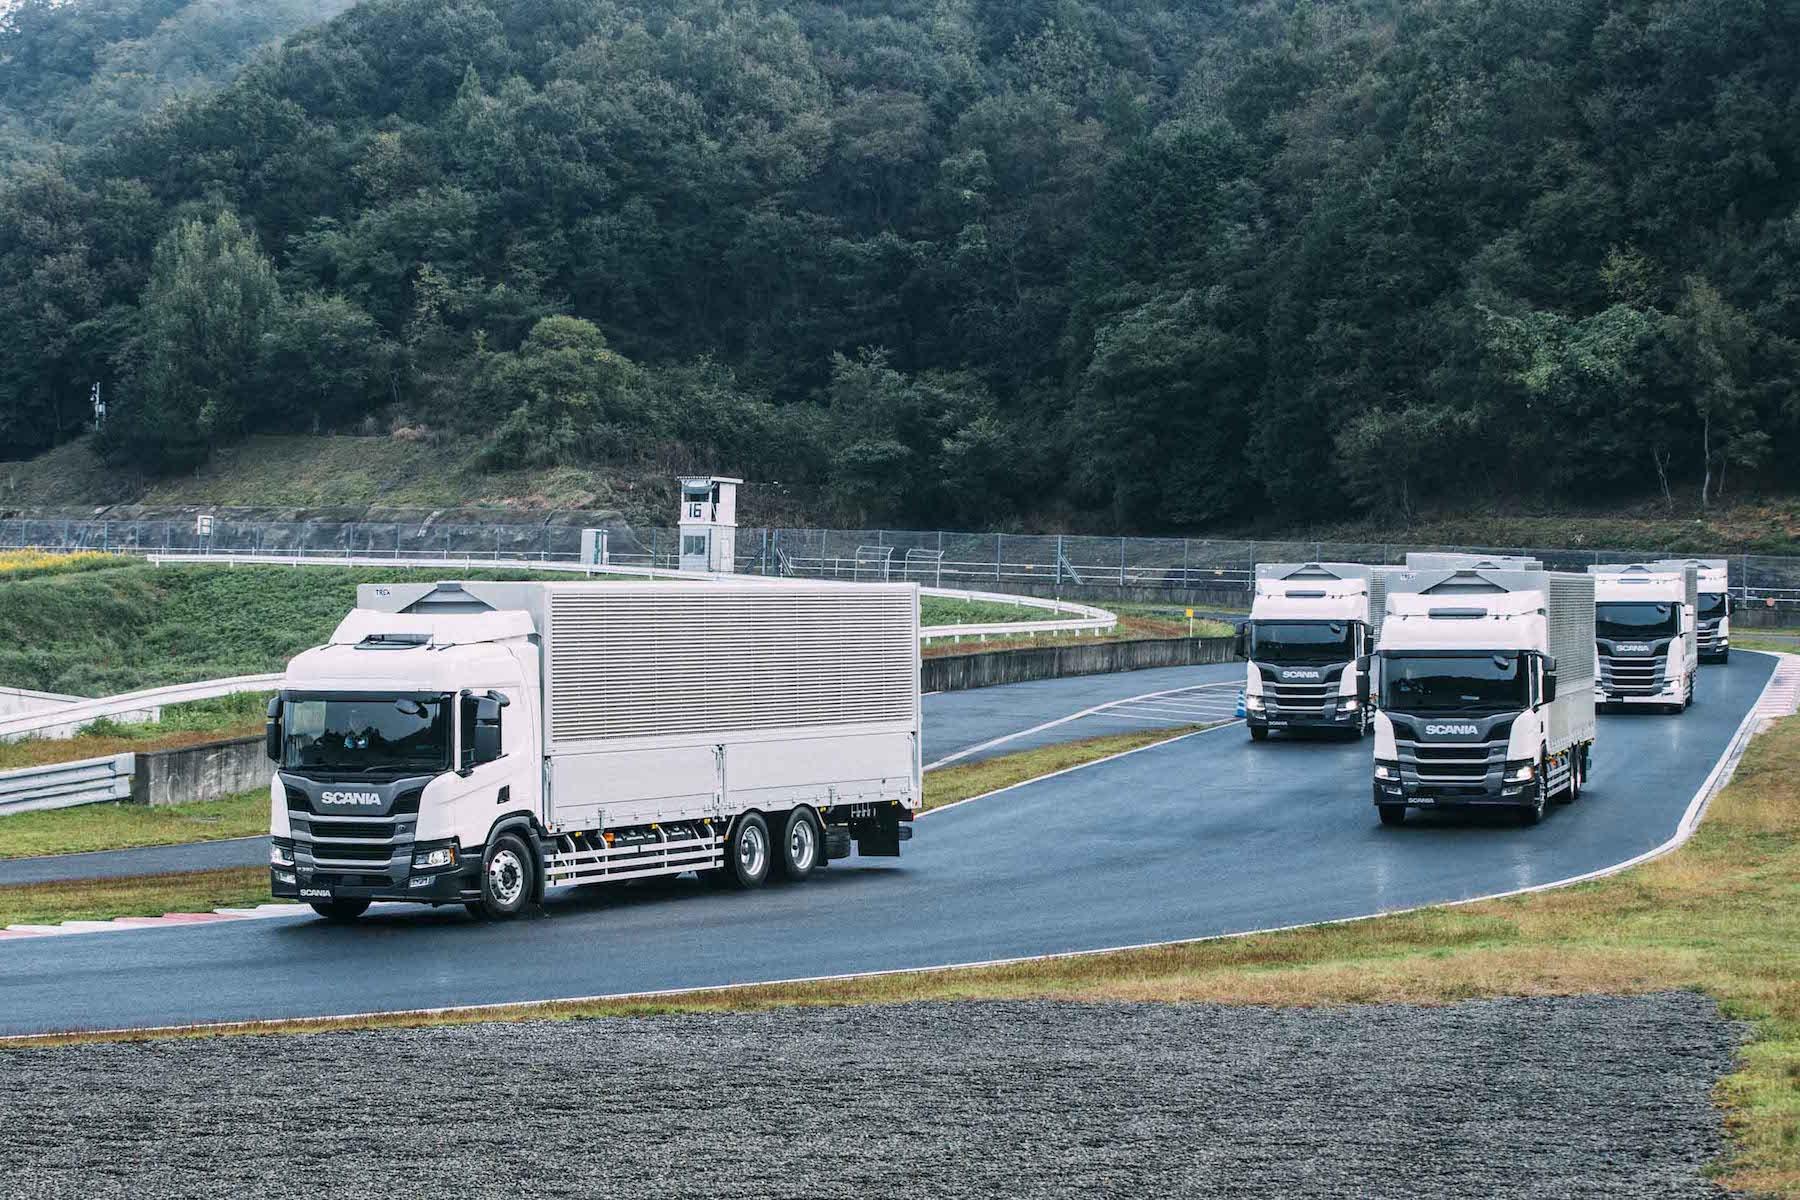 """スカニアの新モデル""""リジッドトラック""""試乗会【前編】「パワフルで、快適!」ユーザーの声を聞く"""